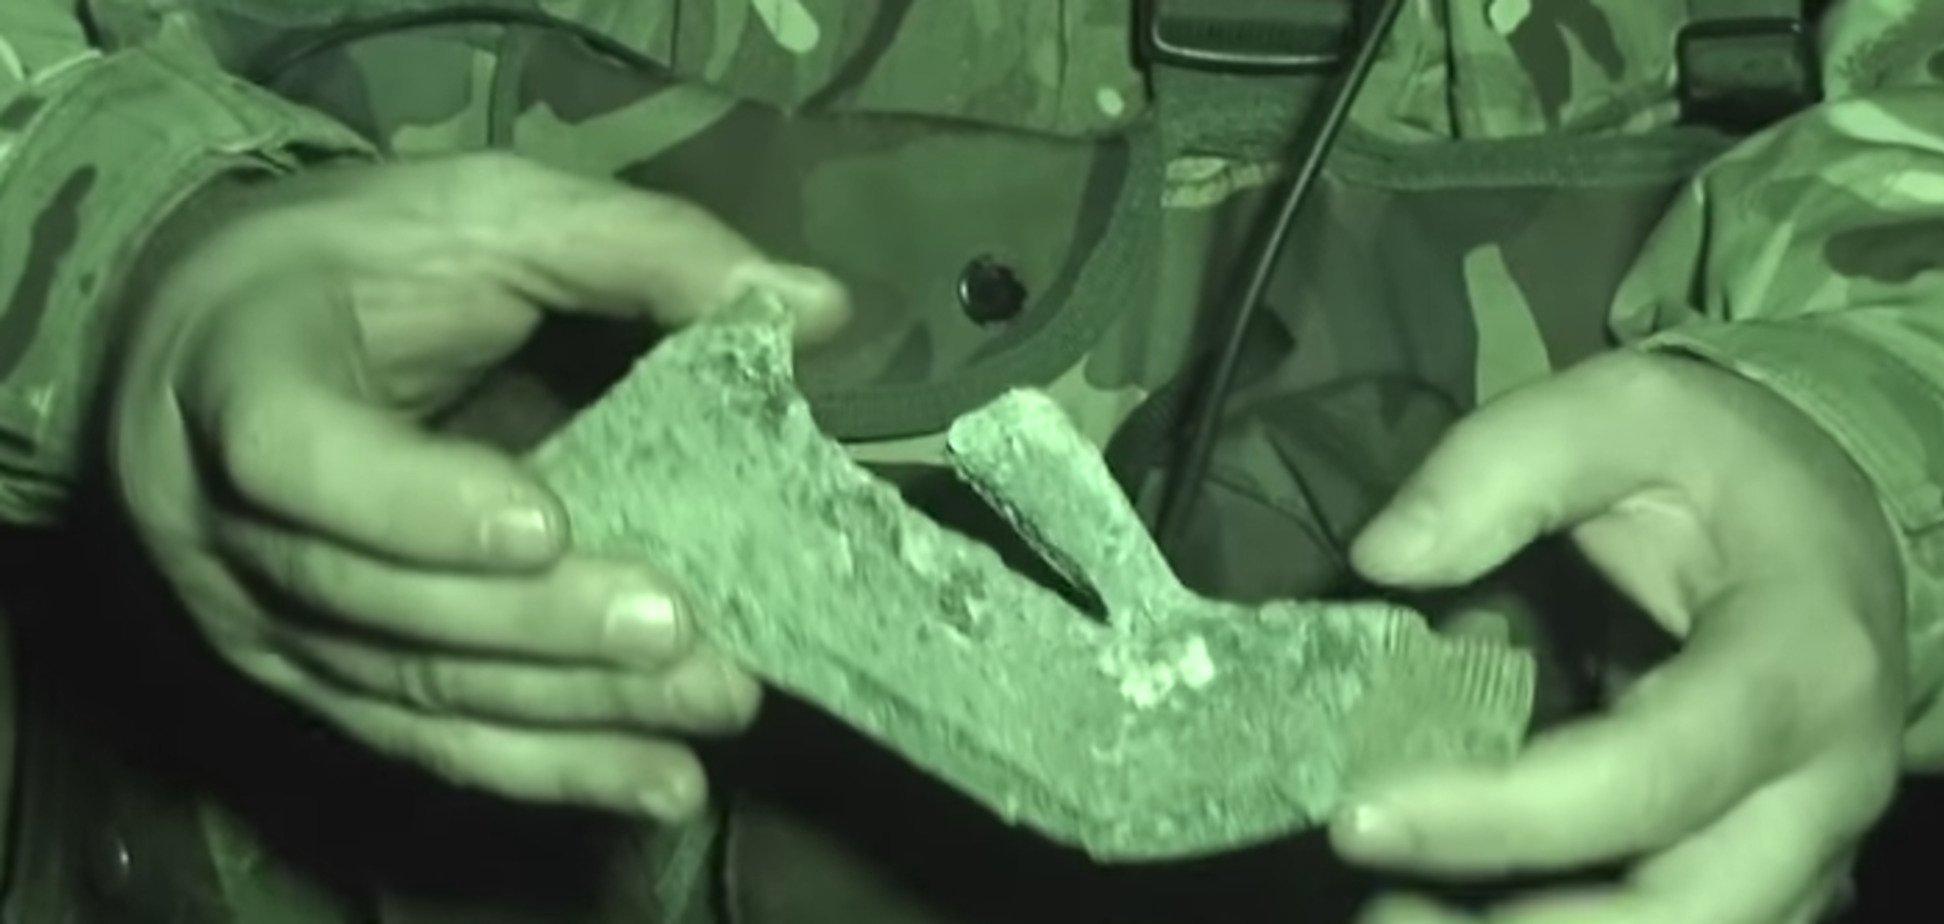 Не тільки фосфорні міни: в Генштабі розповіли, з якої ще 'заборонки' луплять бойовики